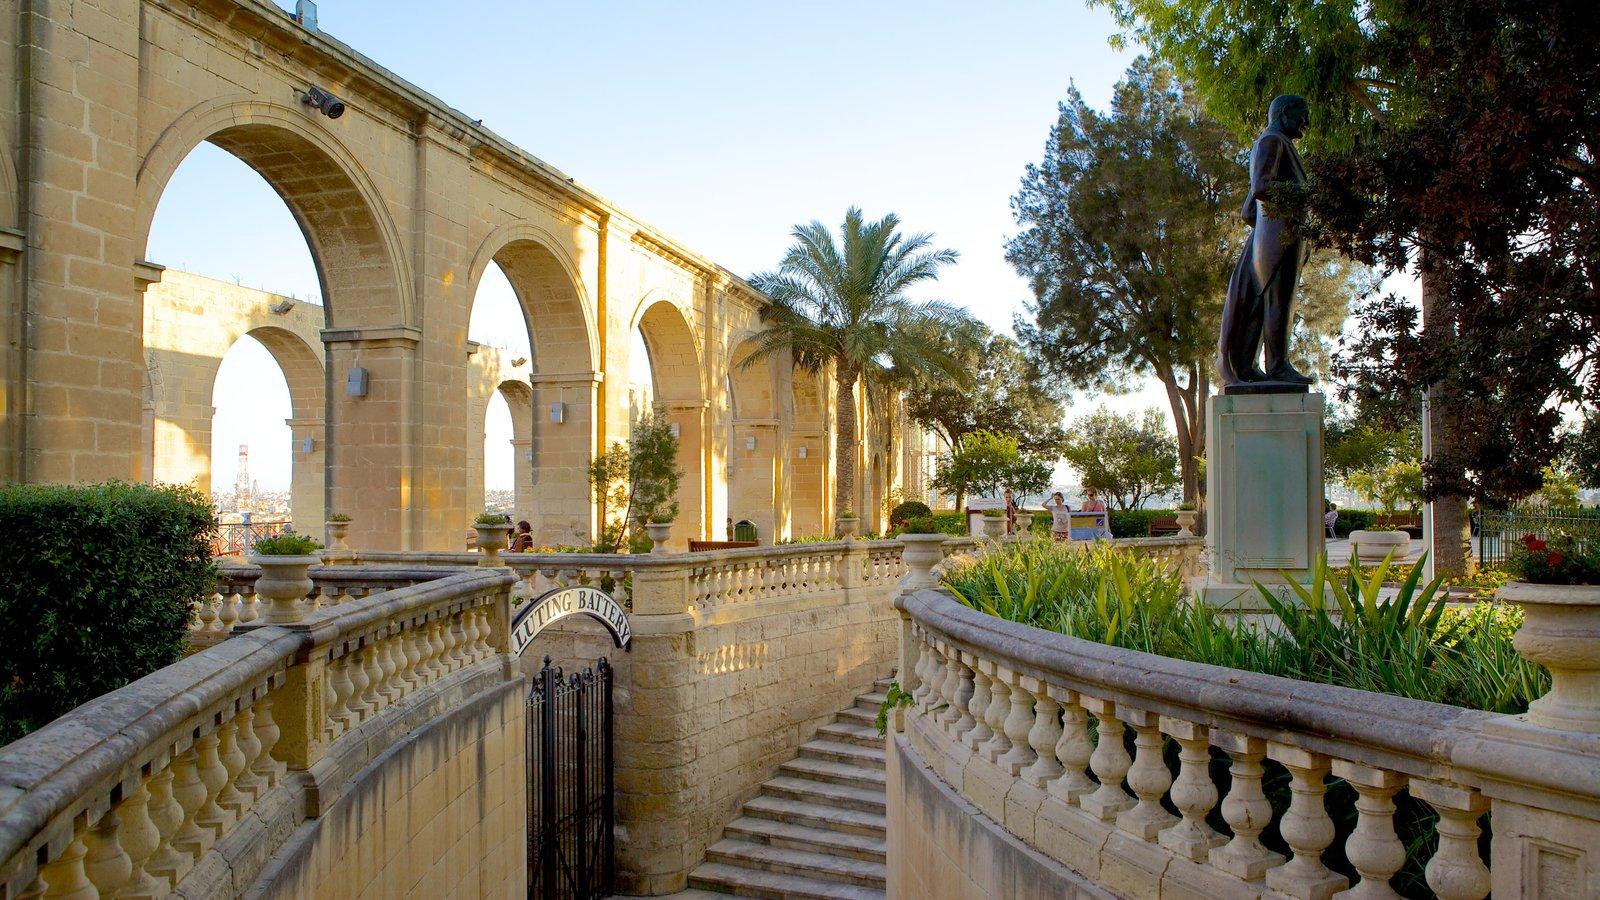 Jardins Superiores de Barrakka mostrando um parque e arquitetura de patrimônio